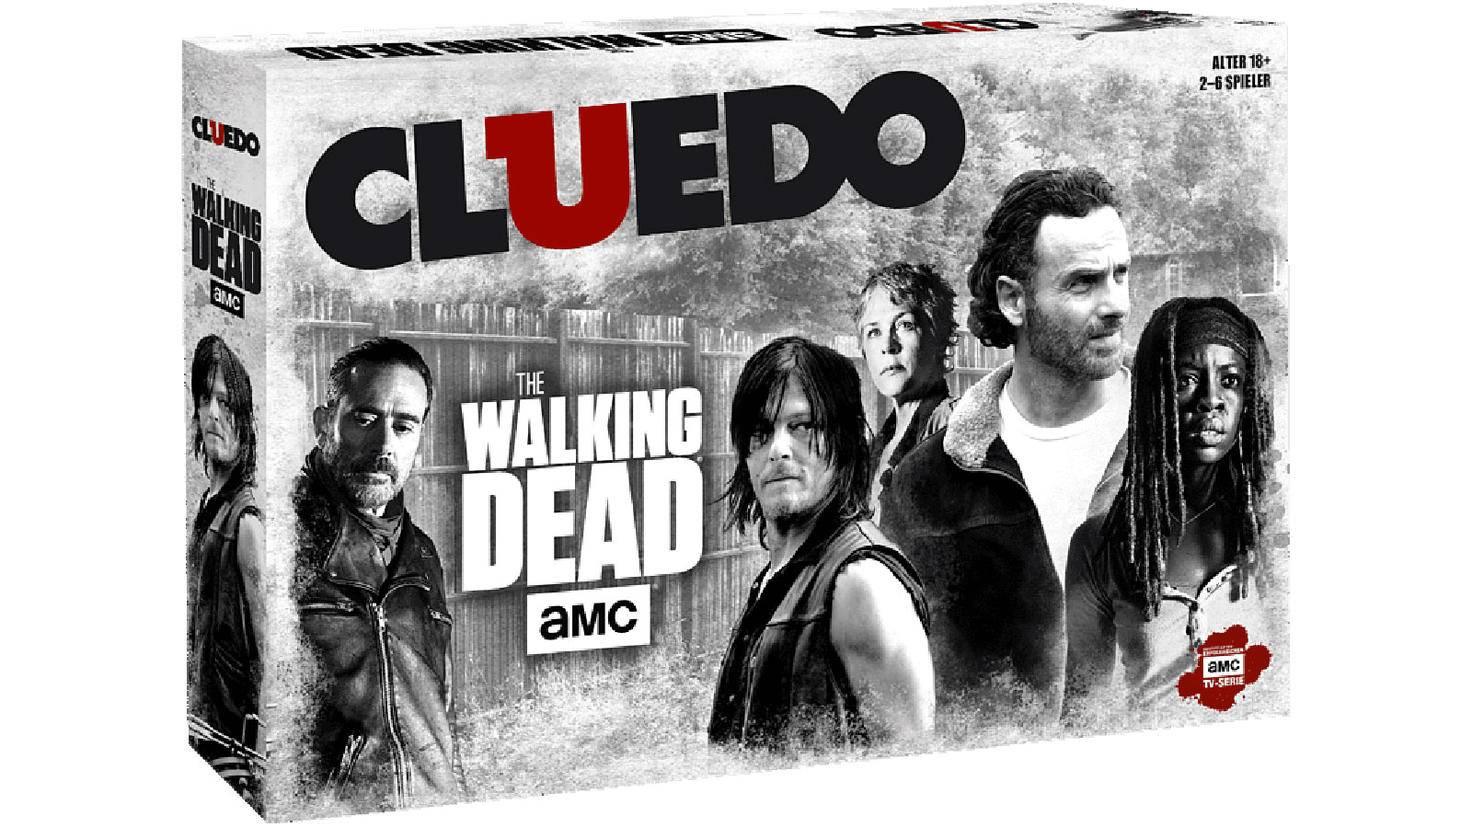 The Walking Dead Cluedo